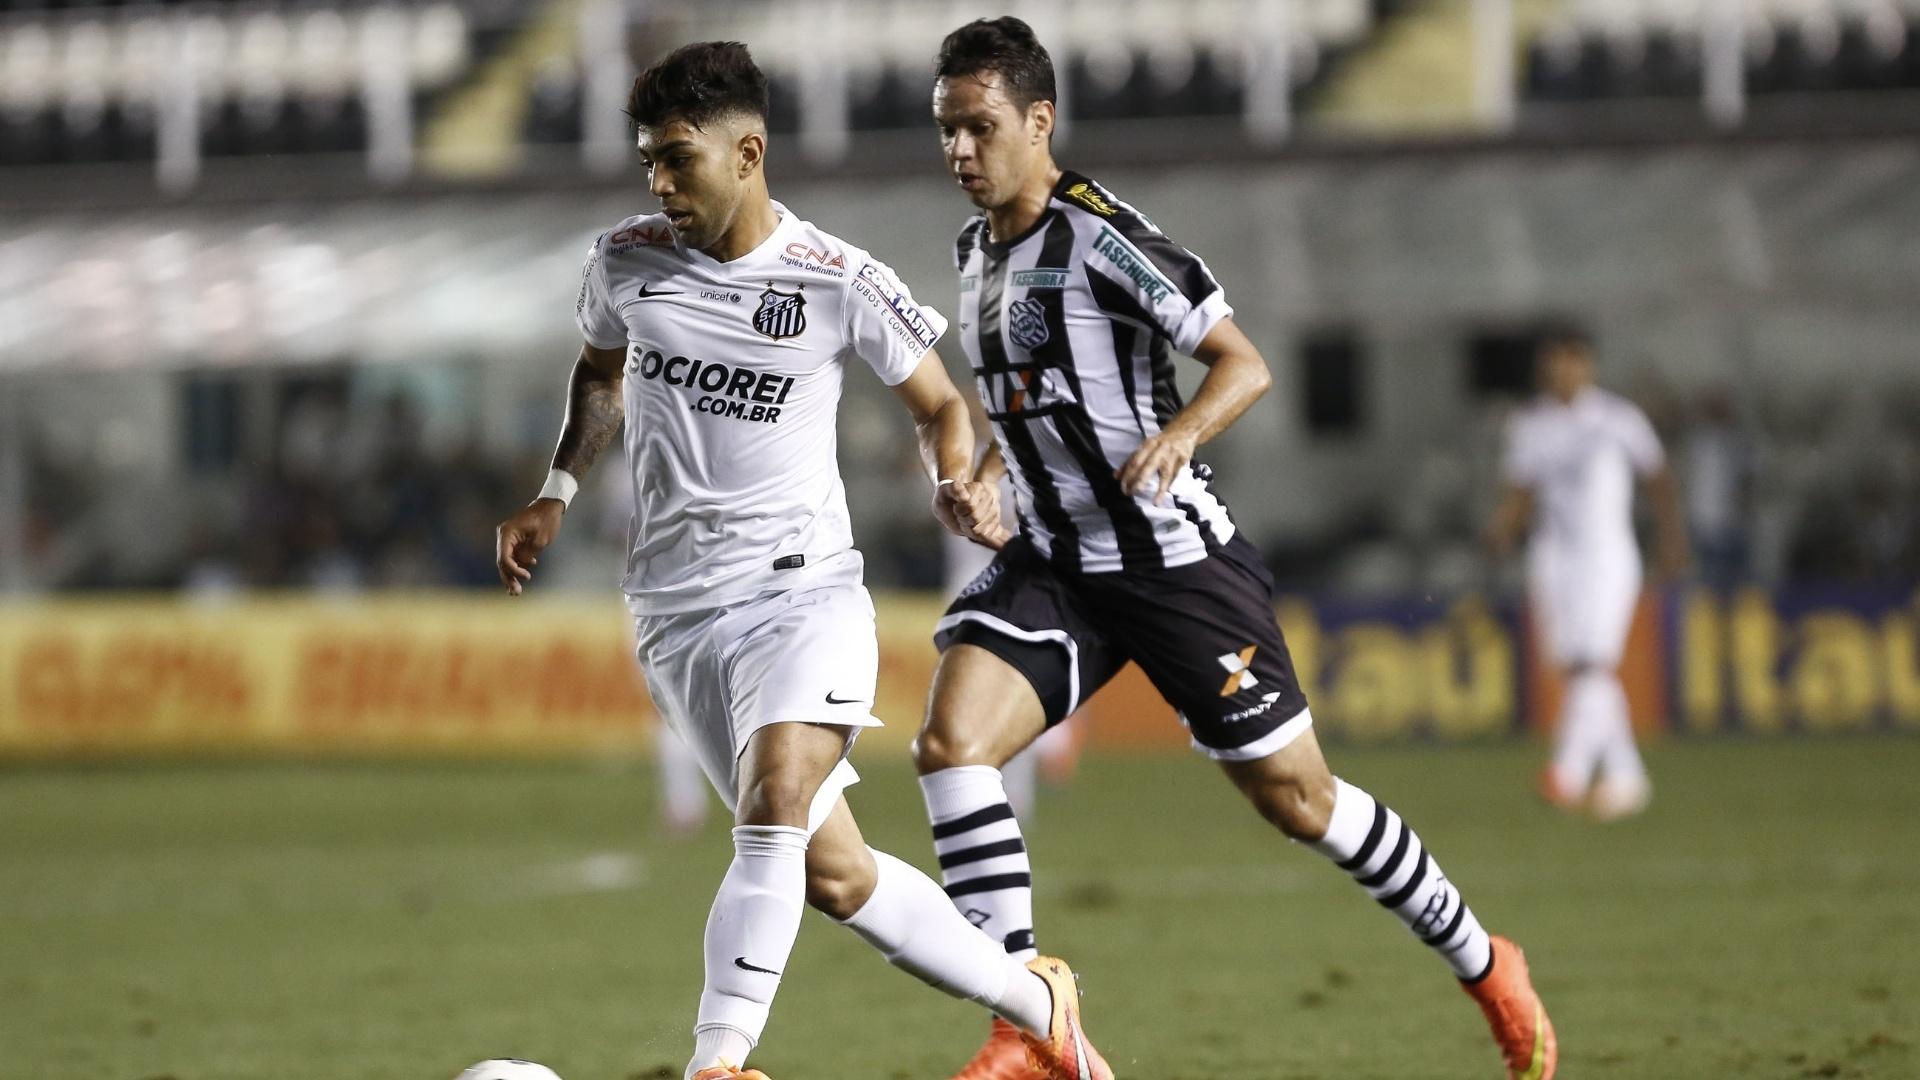 Santos 3 x 1 Figueirense